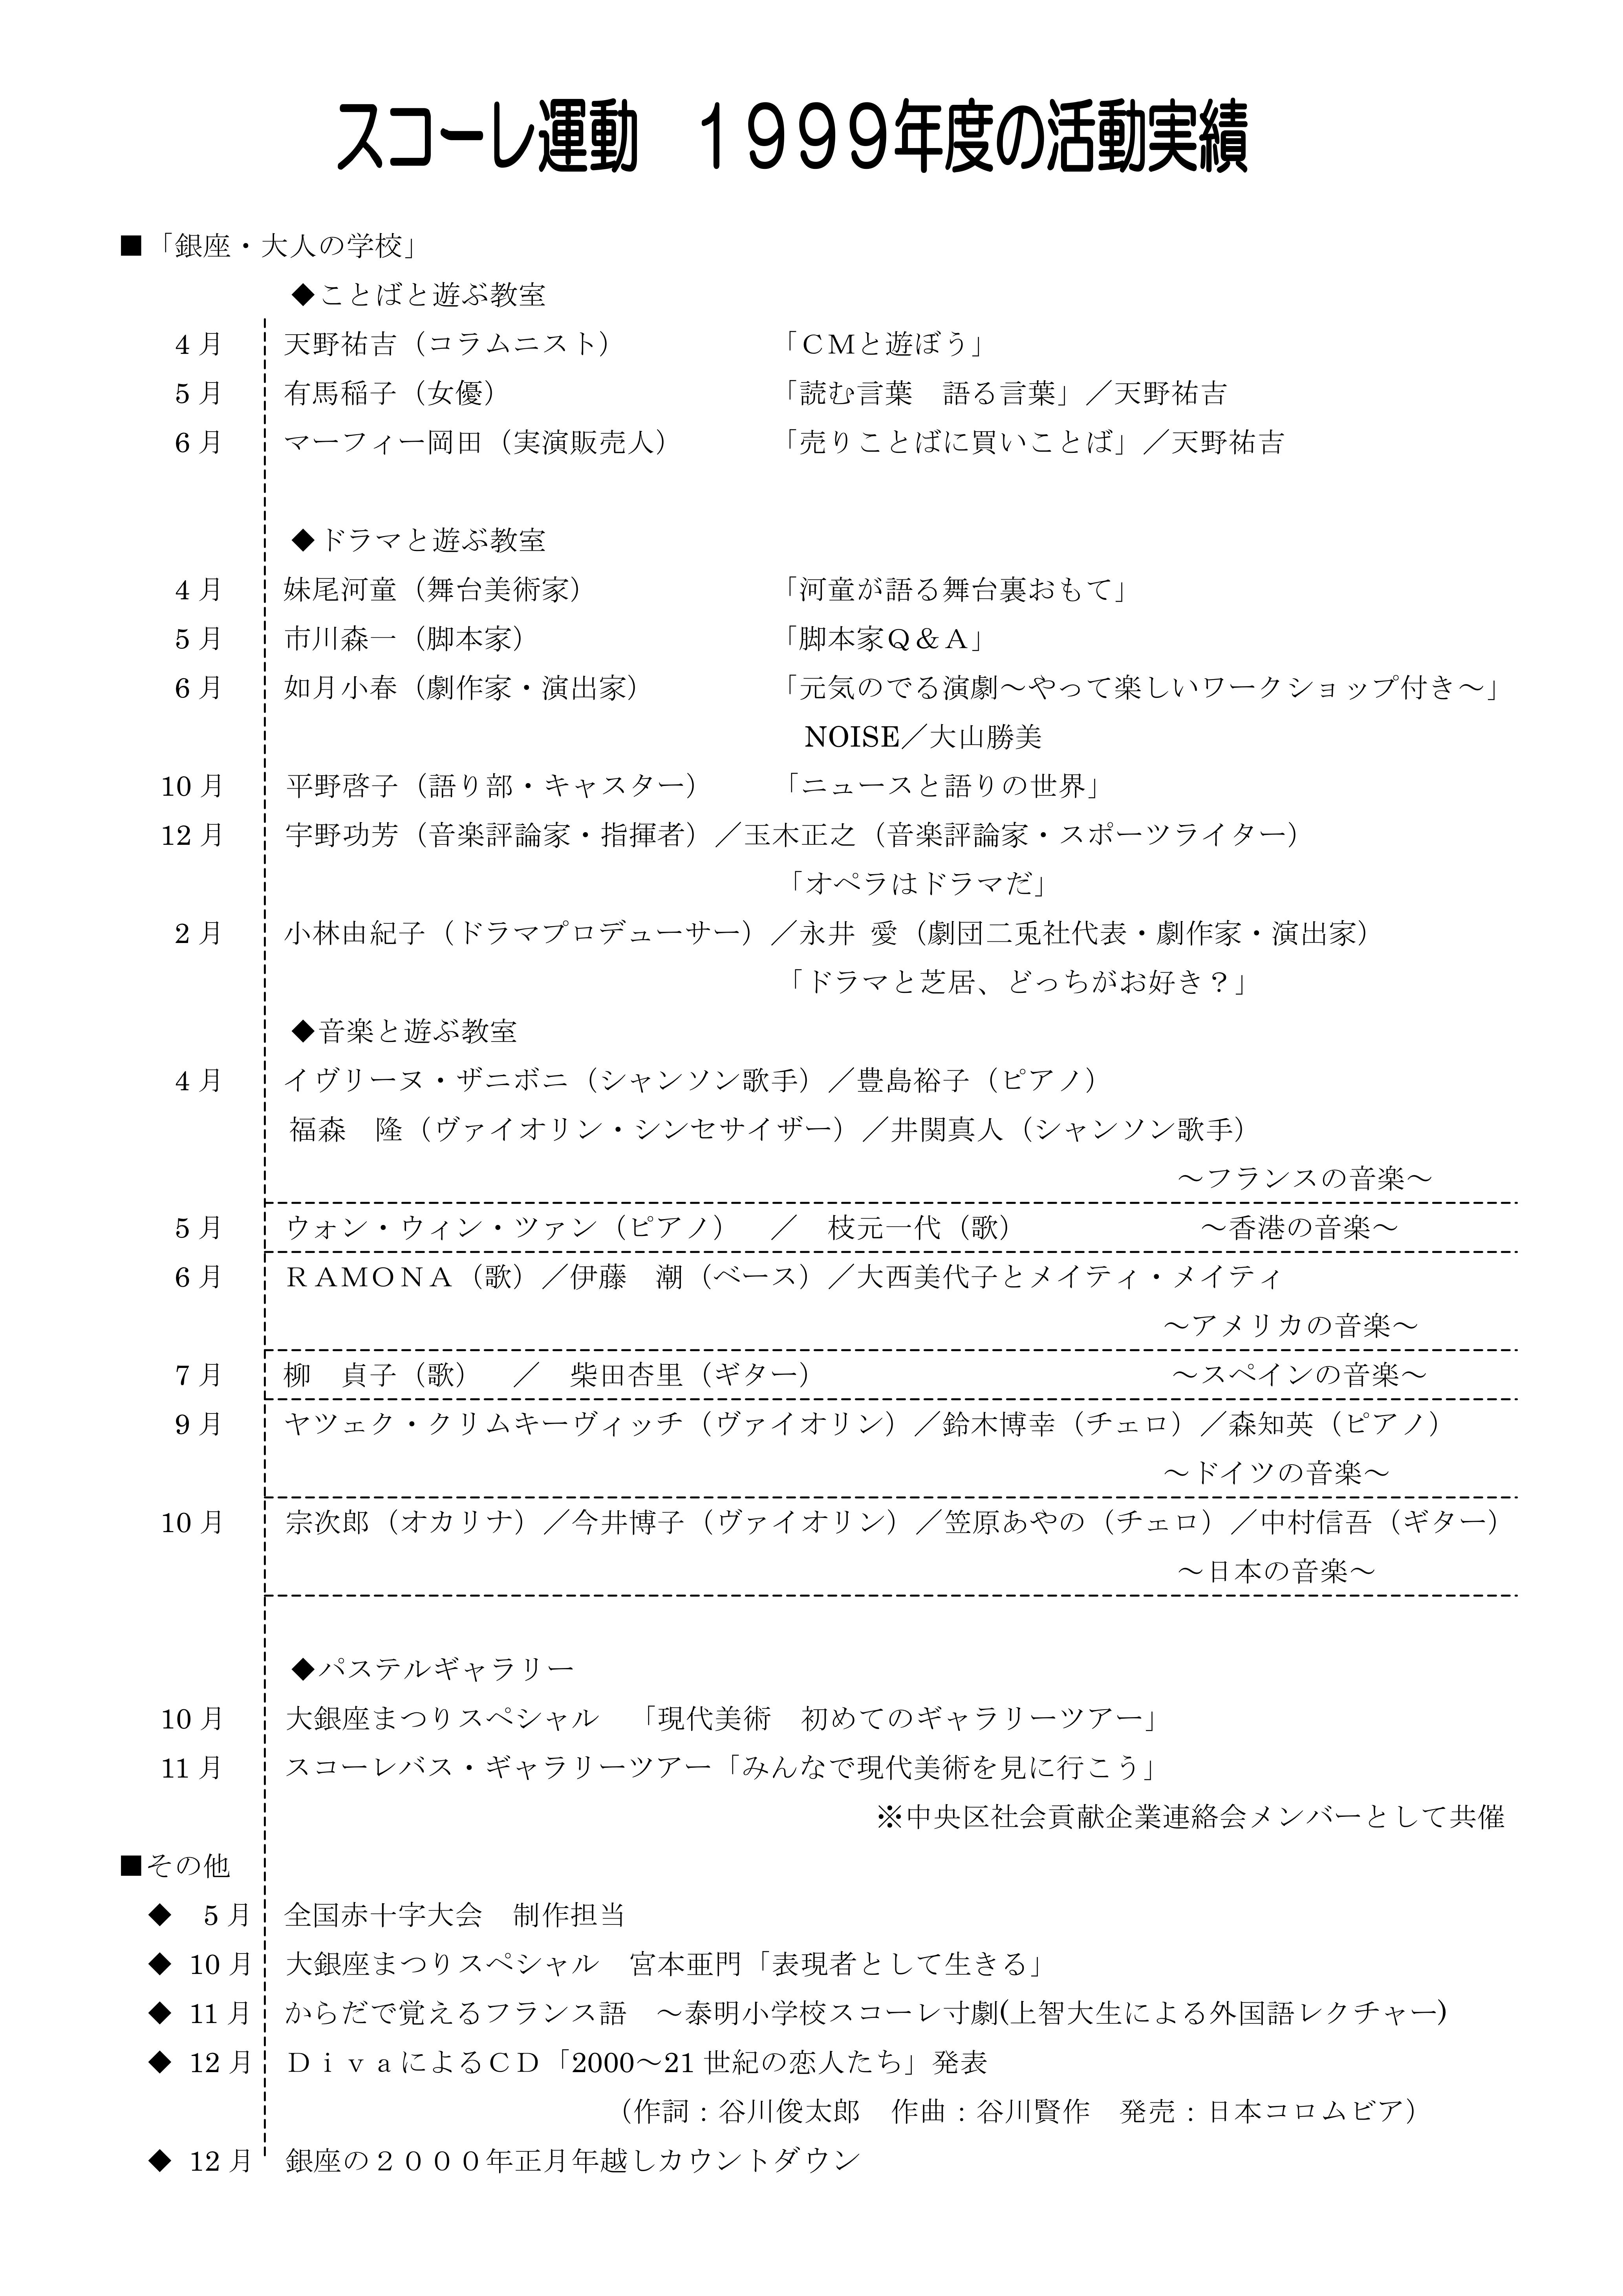 1999_スコーレ(銀座大人の学校)